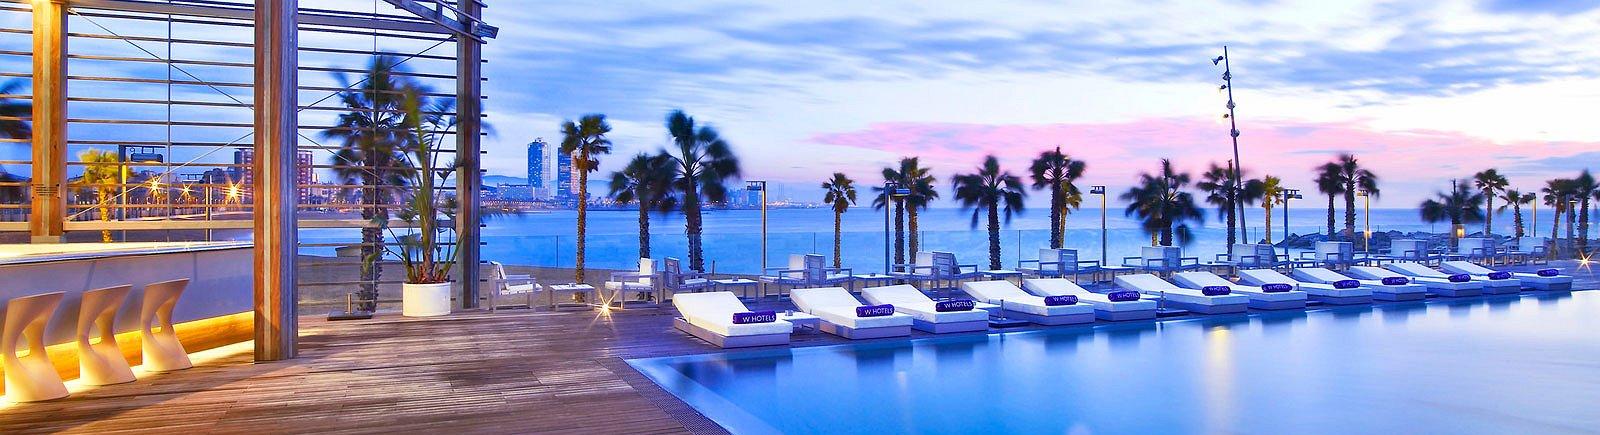 أفضل الفنادق لعام 2016 حسب Instagram